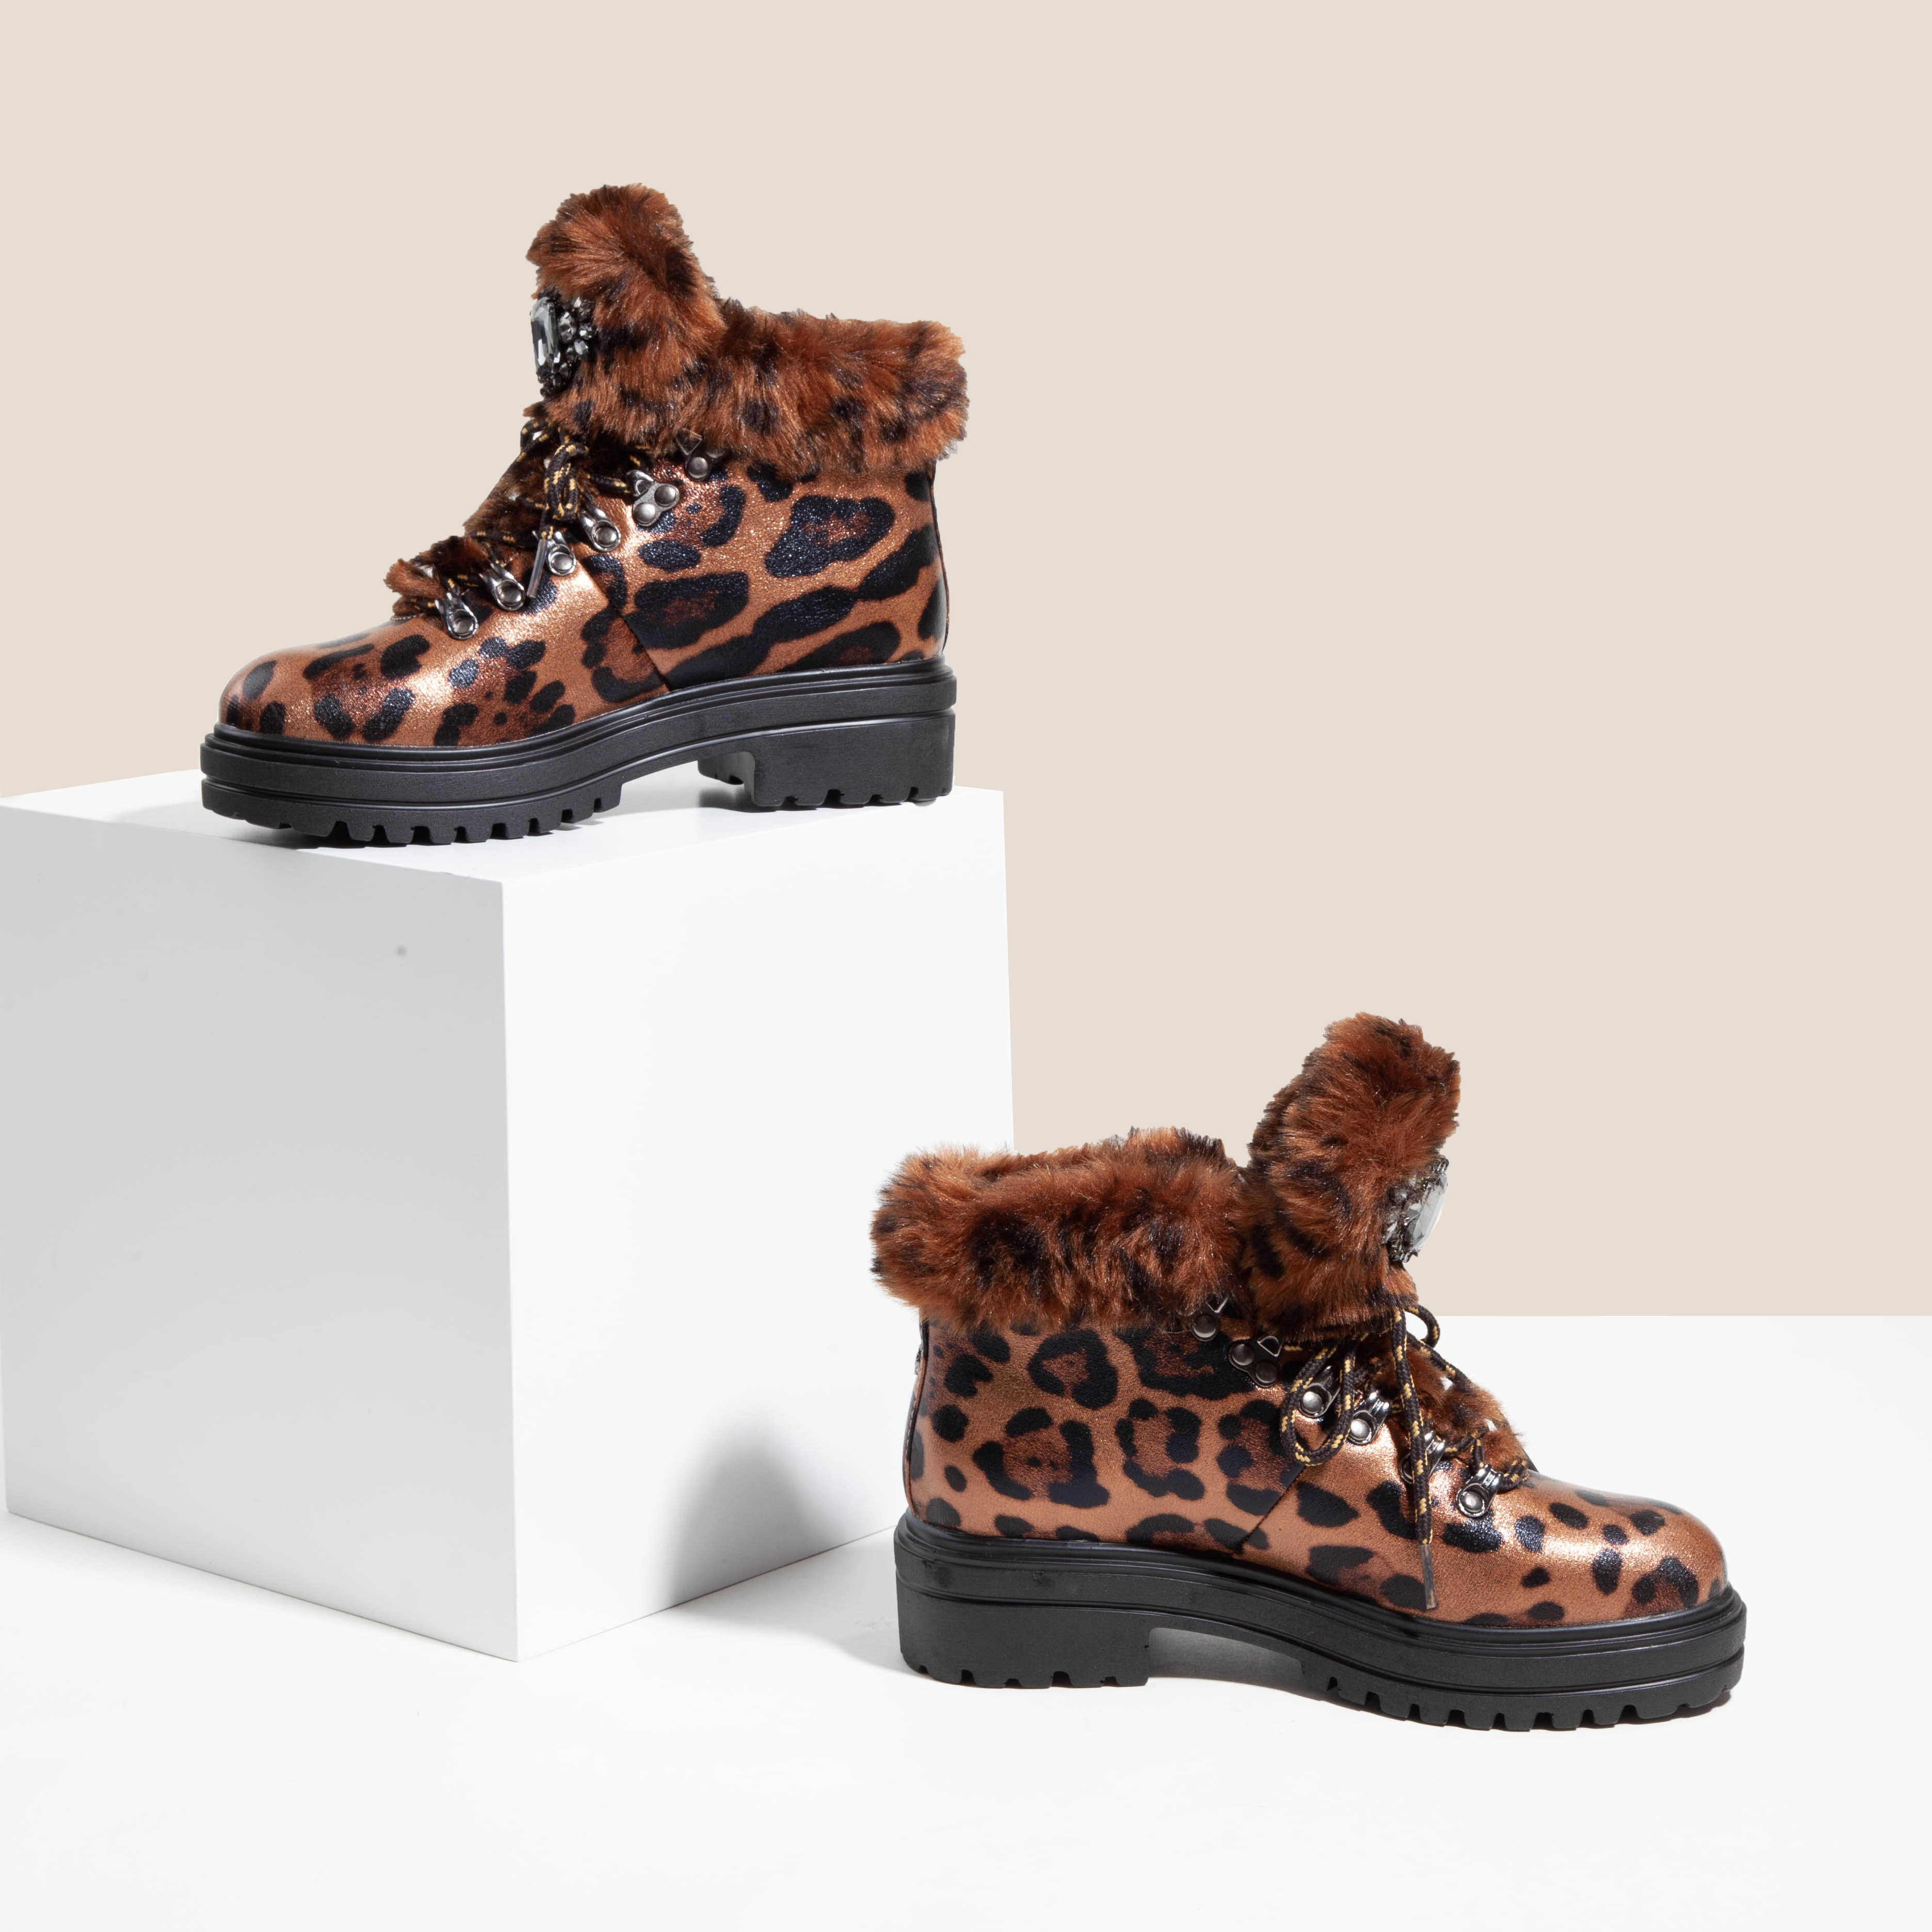 2020 mulheres de pele de leopardo inverno botas curtas plataforma couro patente strass senhoras botas neve botas femininas trabalho luxo tornozelo botas